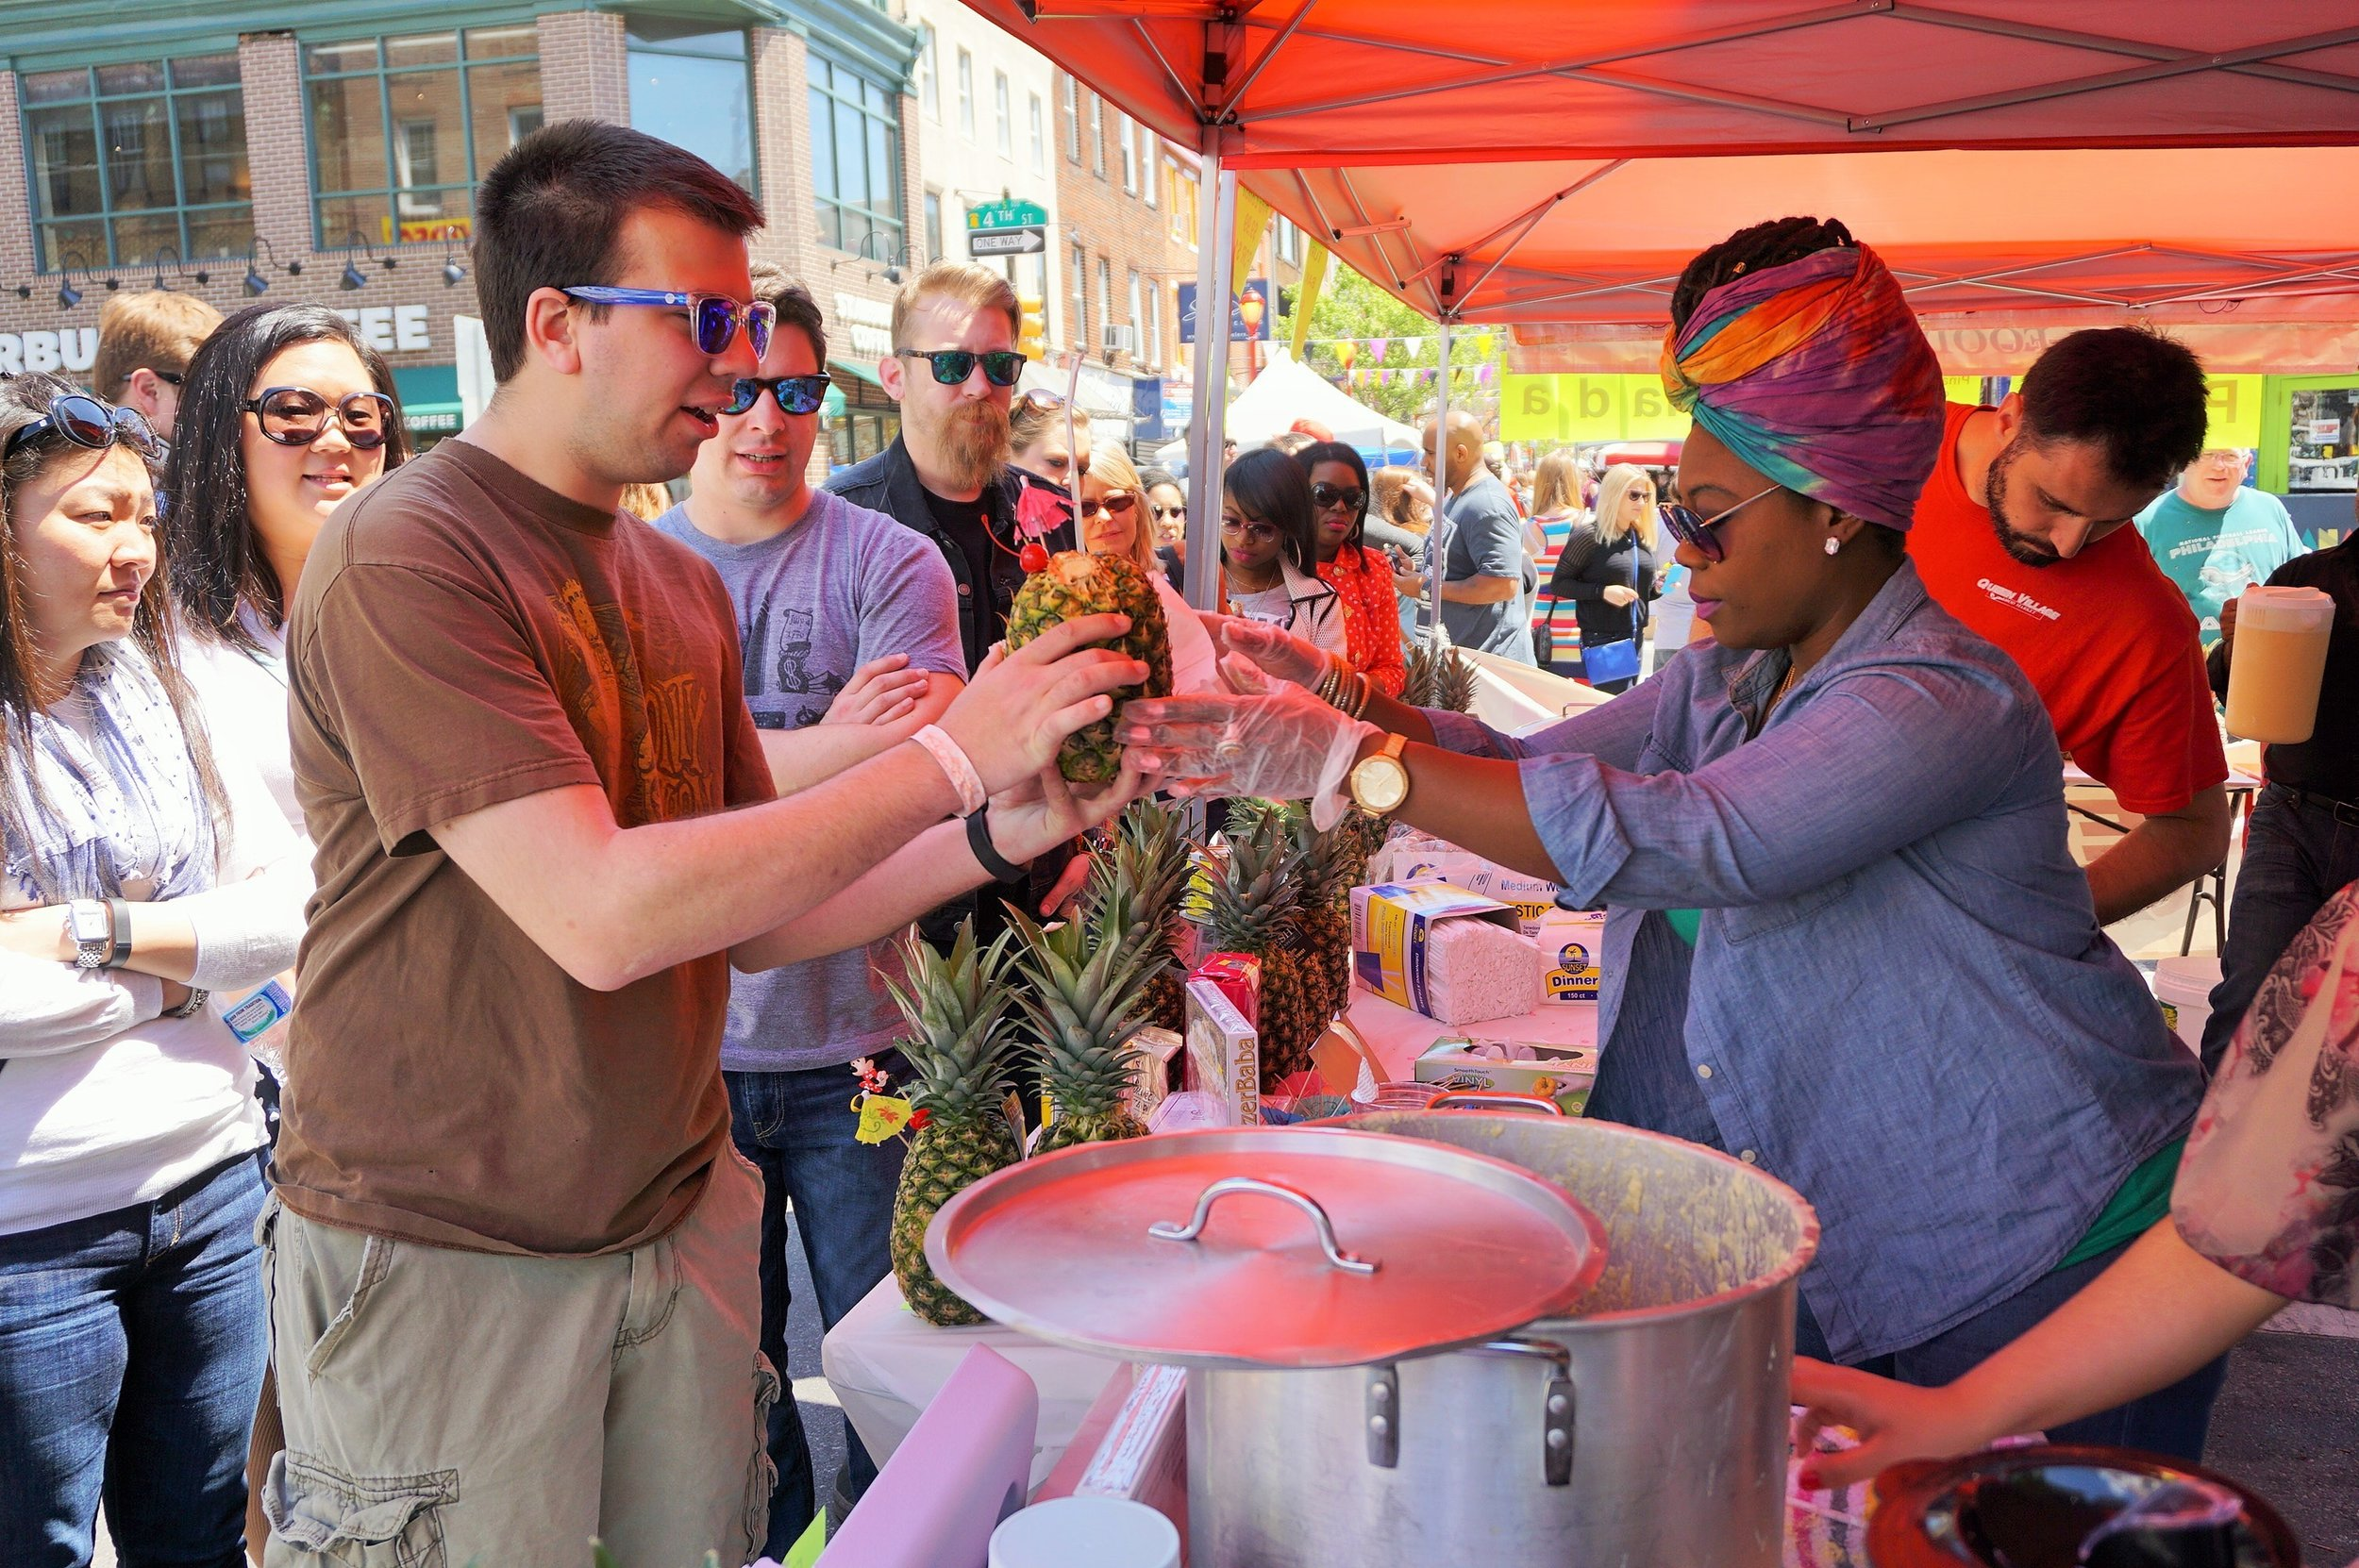 Freshly Made Pina Coladas, South Street Spring Festival 2018